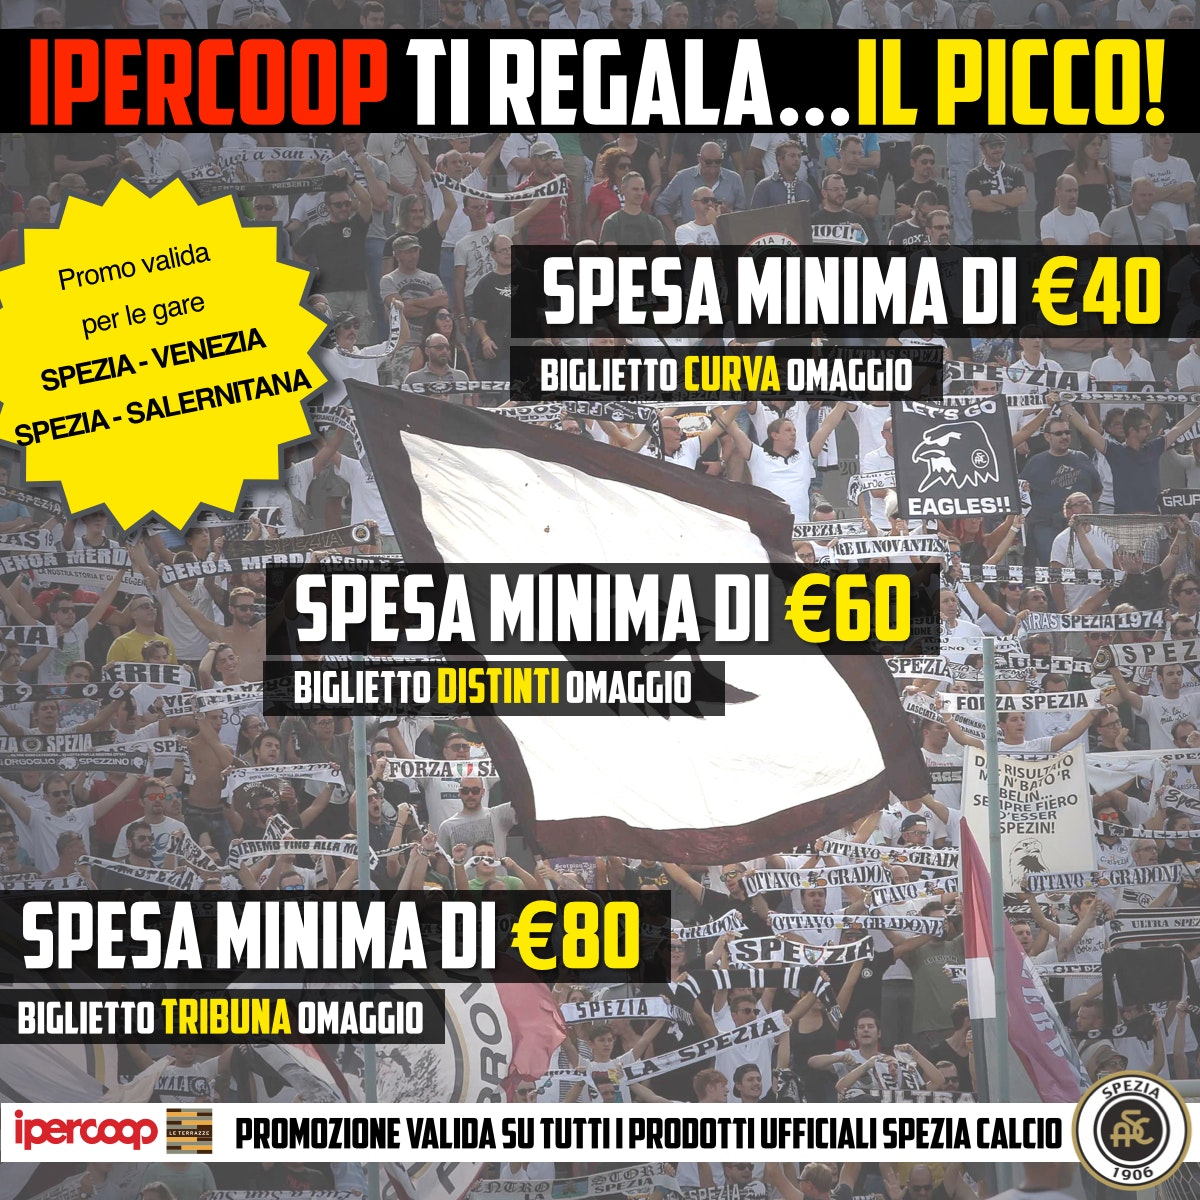 Emejing Terrazze La Spezia Orari Images - Design and Ideas ...